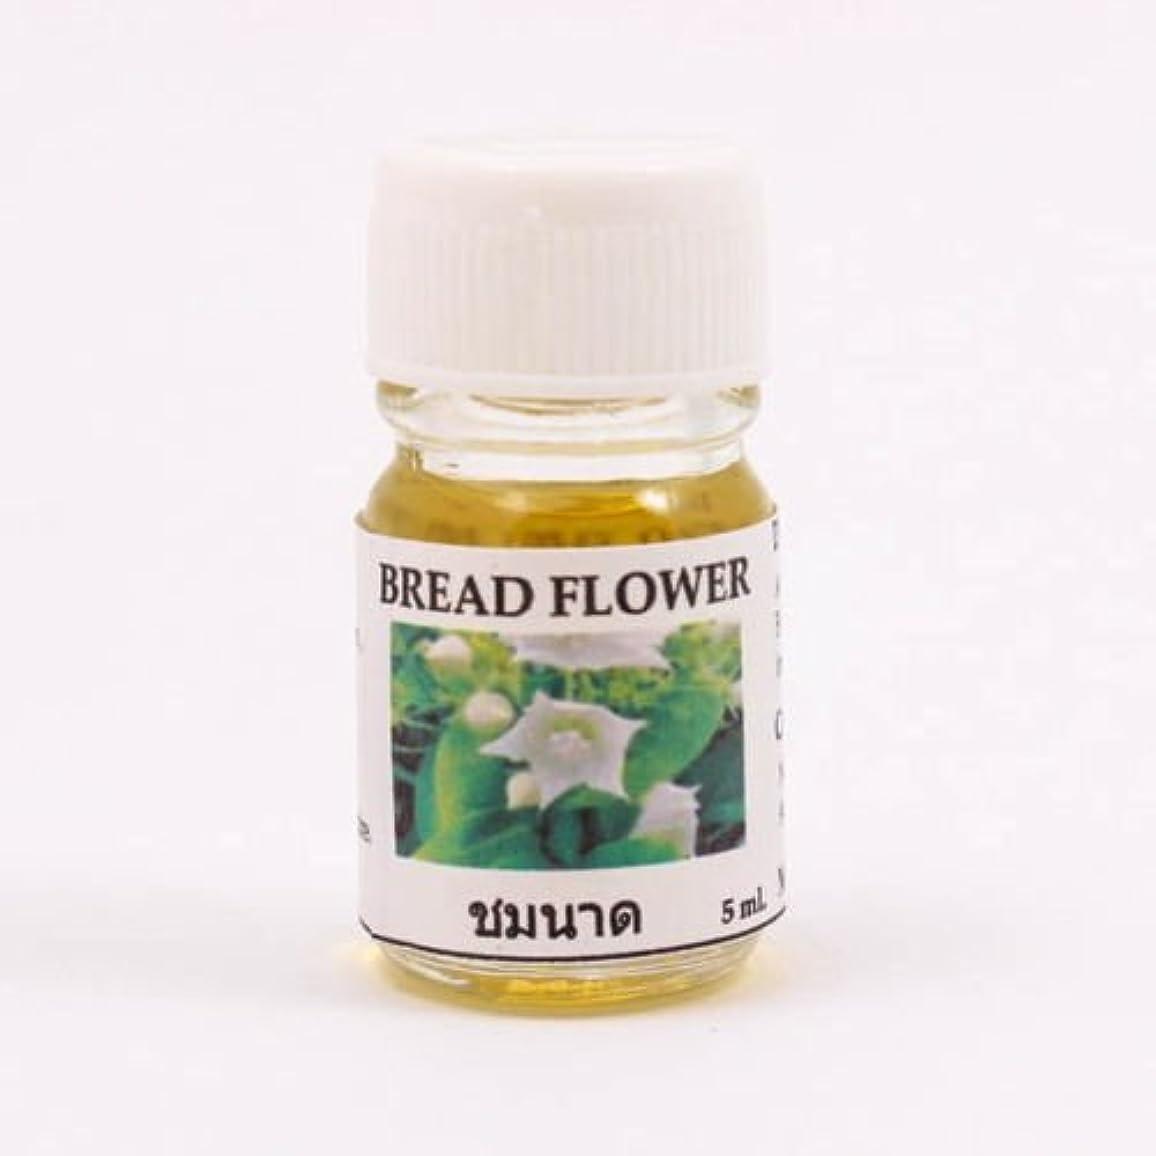 アクティビティ申請中レベル6X Bread Flower Fragrance Essential Oil 5ML. (cc) Diffuser Burner Therapy